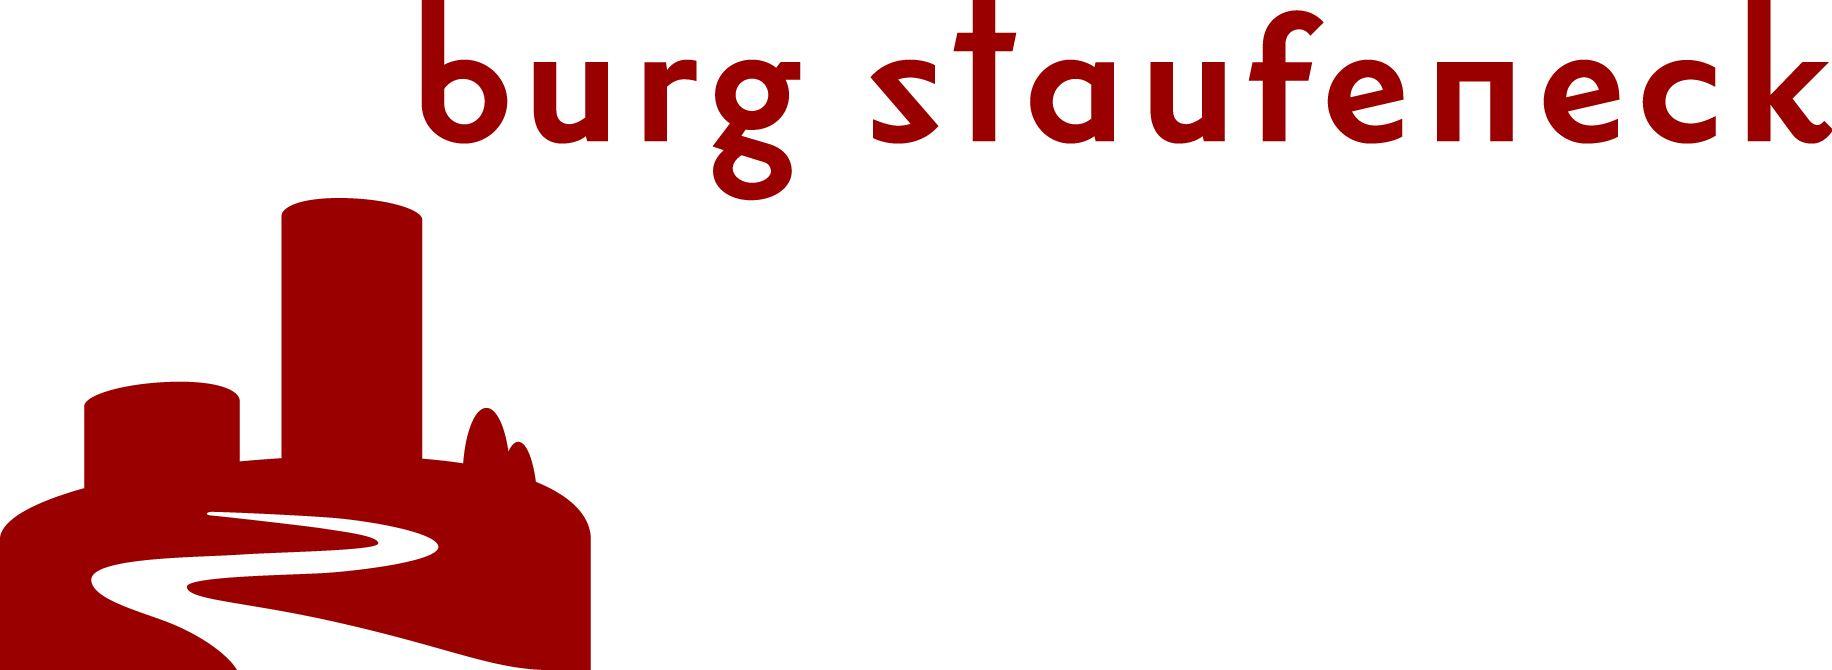 Burg Staufeneck Logo